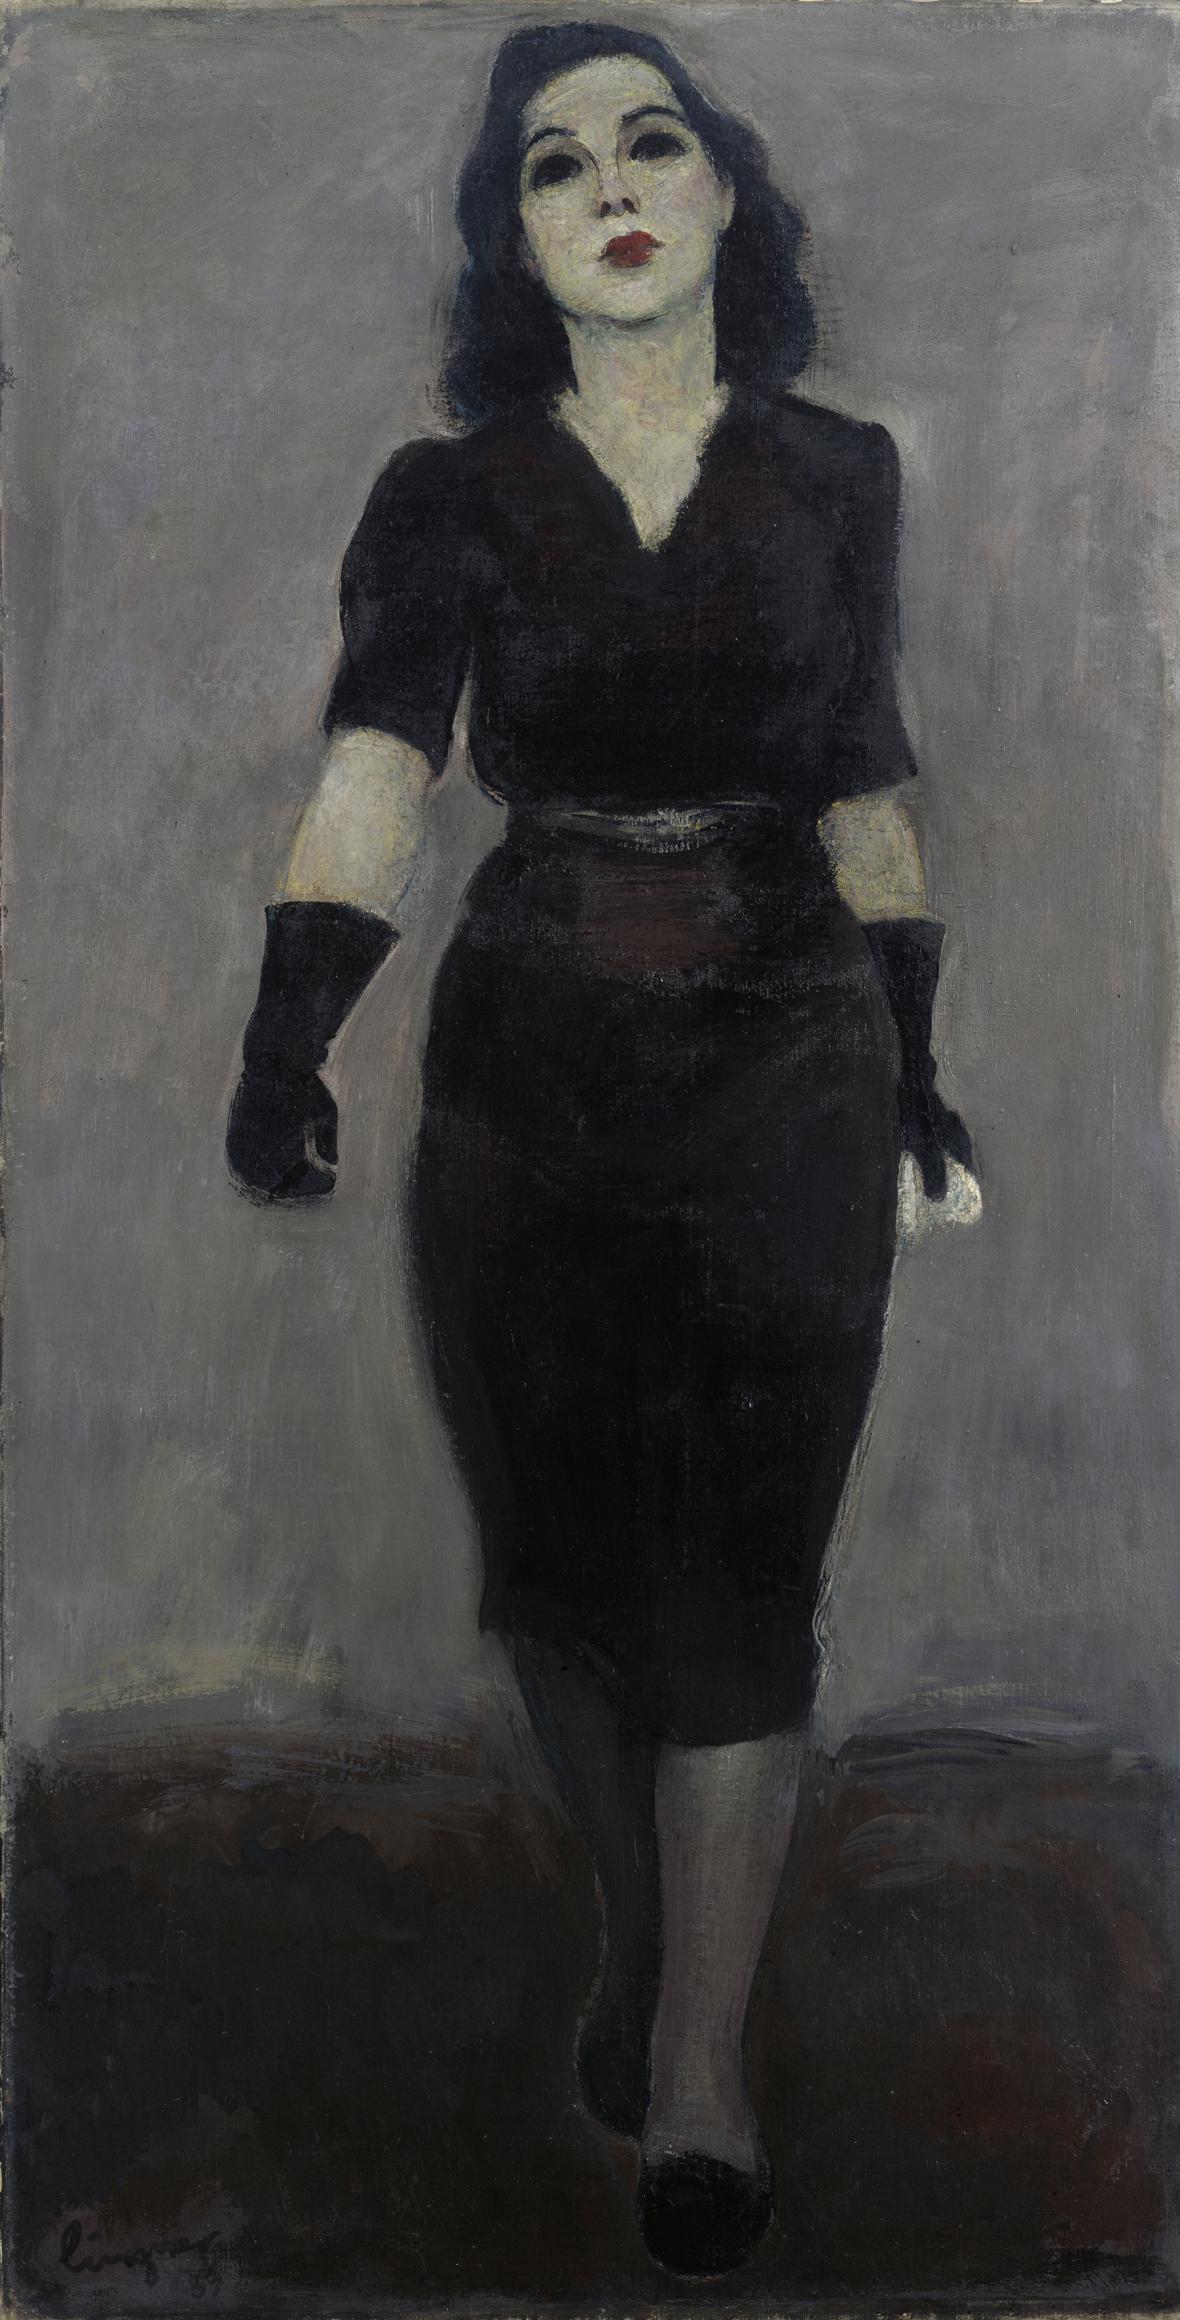 Max Lingner / Mademoiselle Yvonne, 1939.